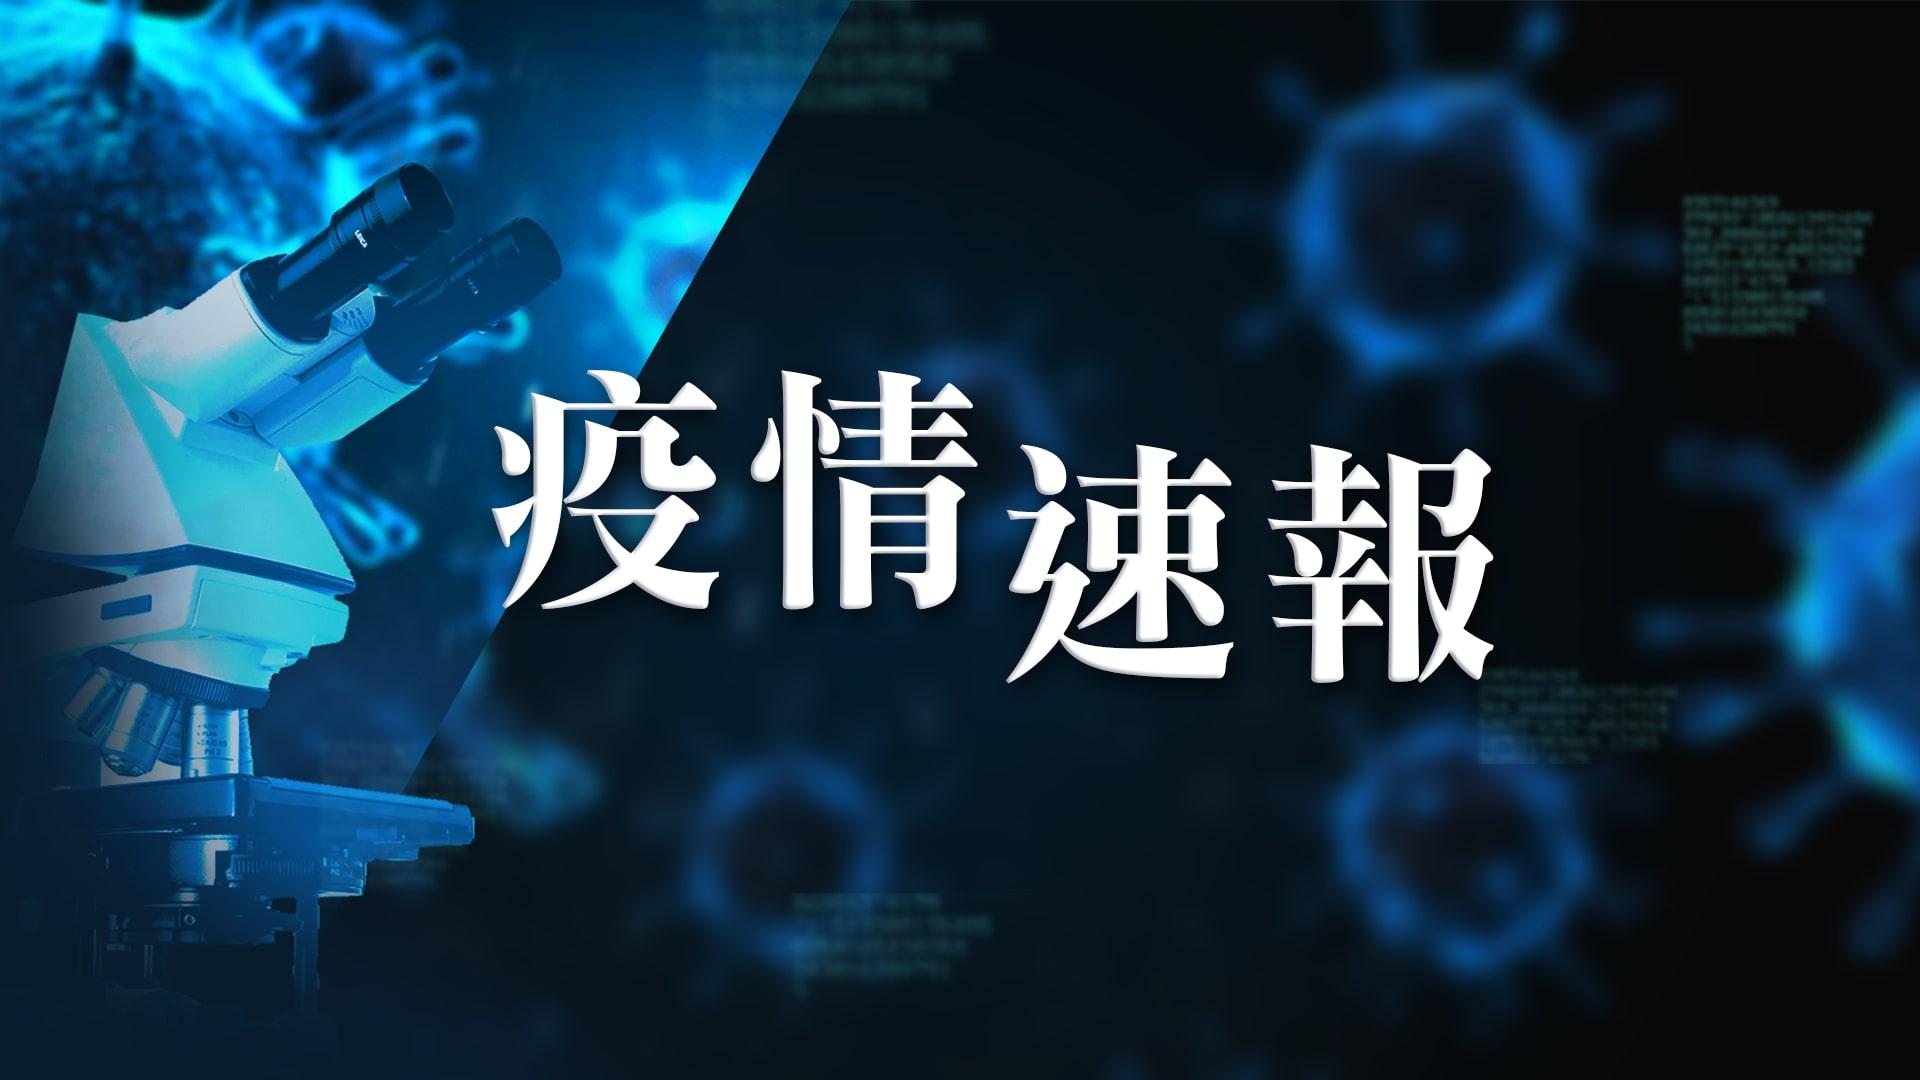 【4月3日疫情速報】(23:40)